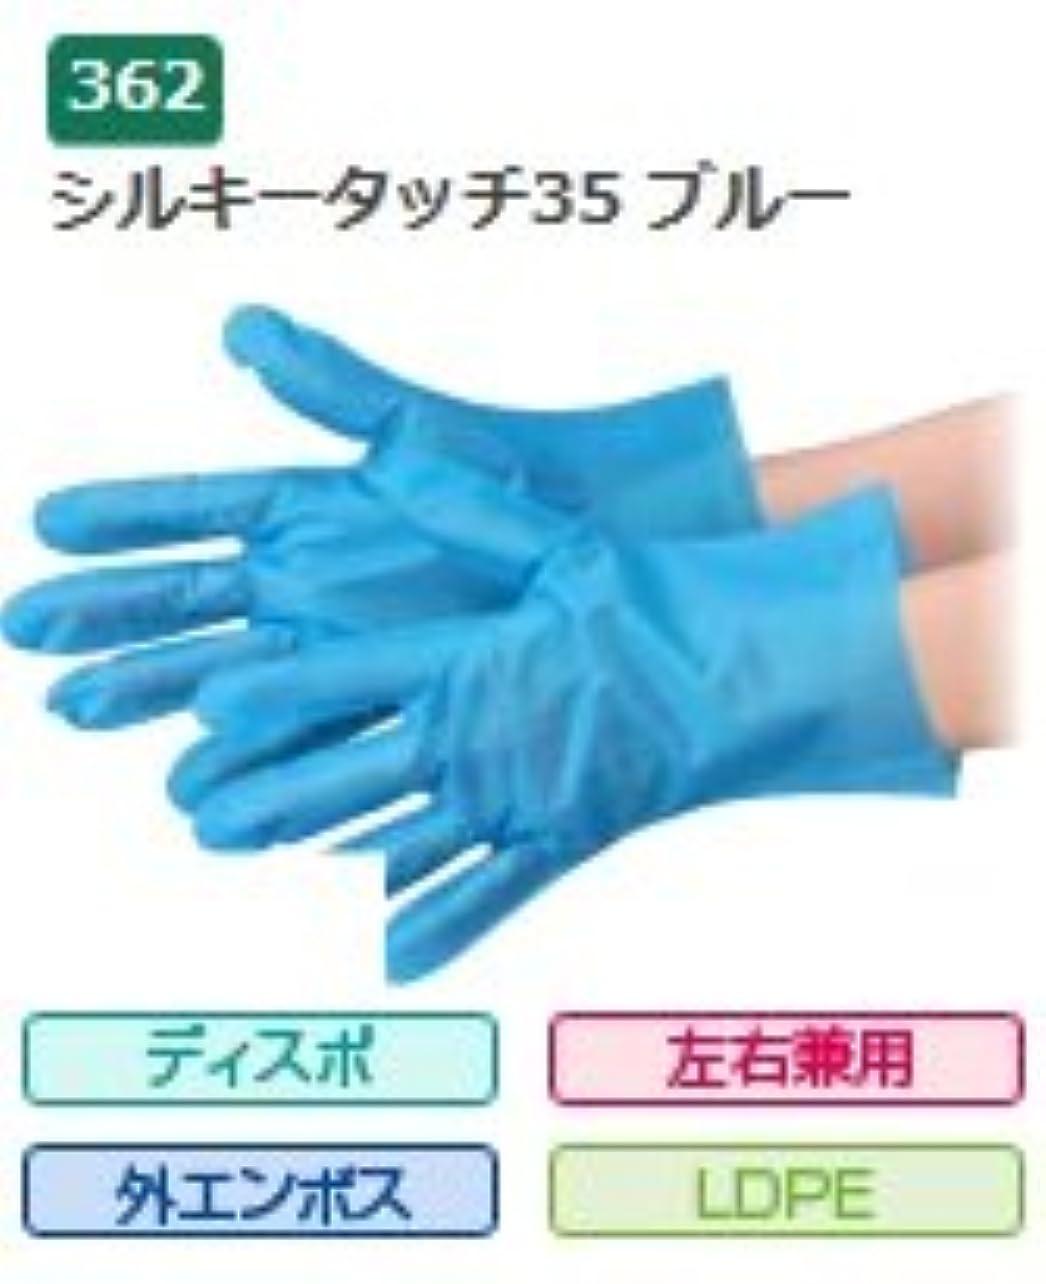 シーサイド怠可塑性エブノ ポリエチレン手袋 No.362 LL 青 (100枚×50袋) シルキータッチ35 ブルー 袋入